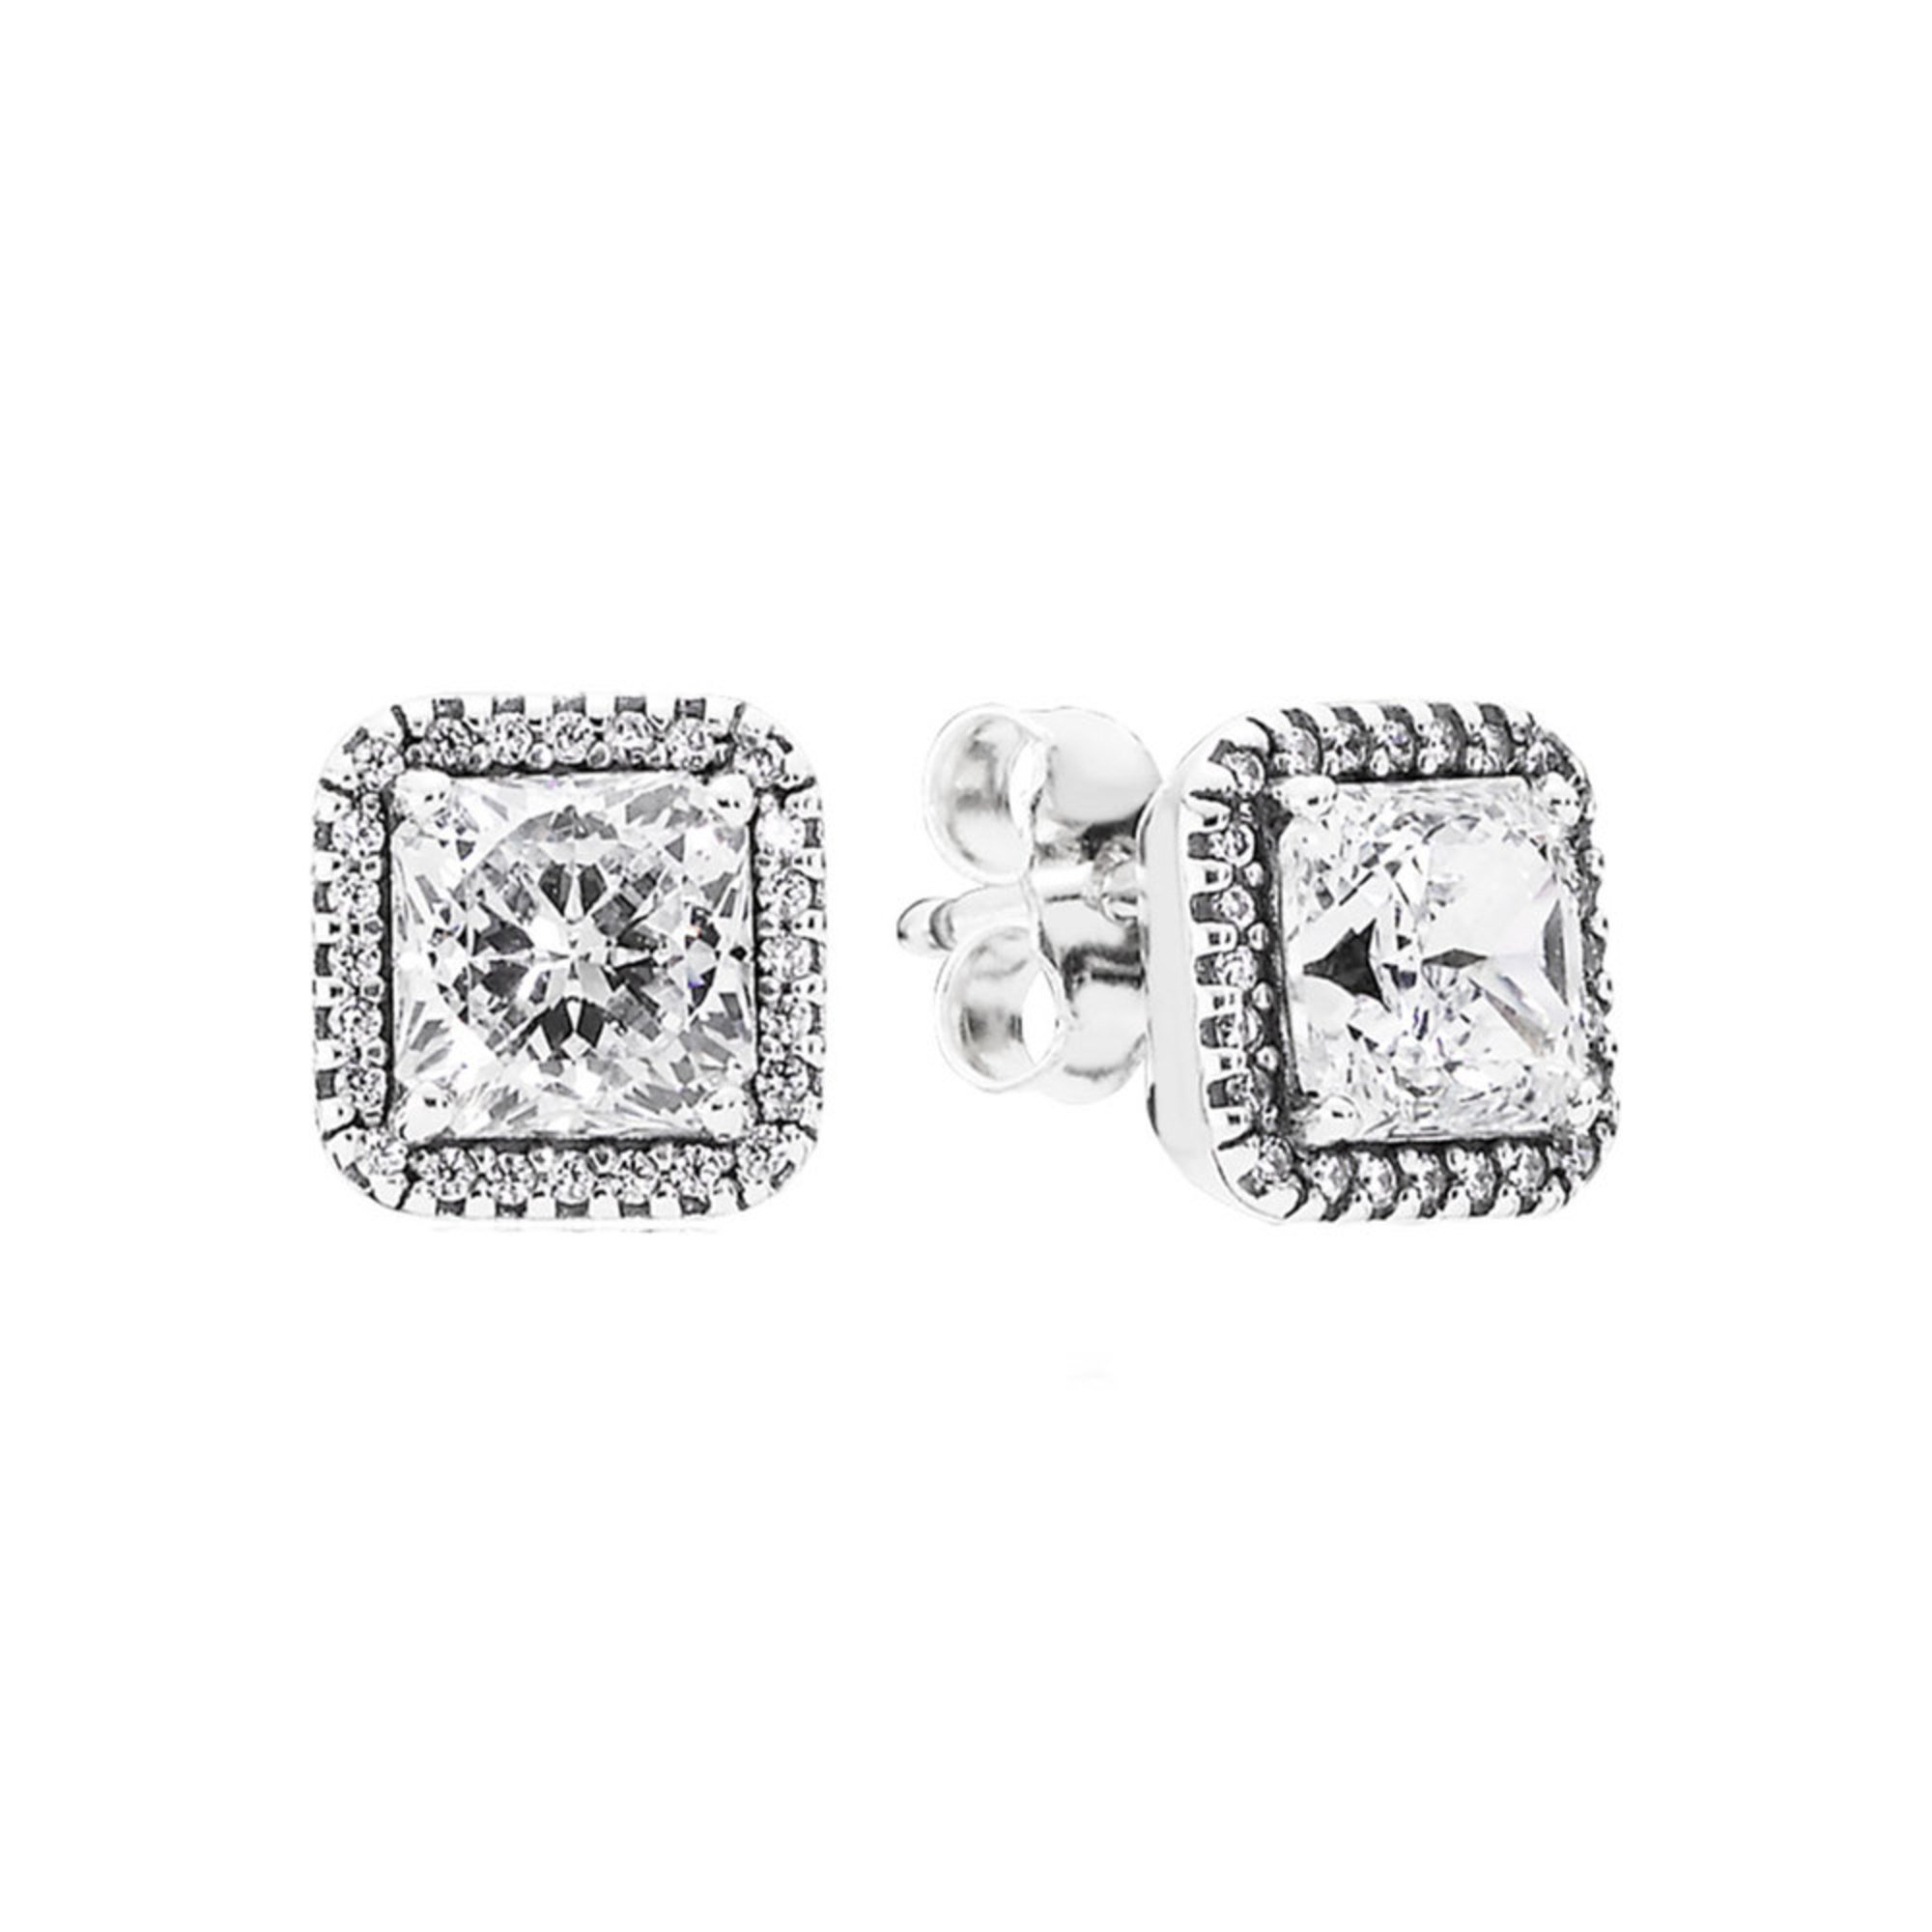 e23a81a9a Pandora Timeless Elegance Stud Earrings, Clear Cz   Fashion Earrings ...